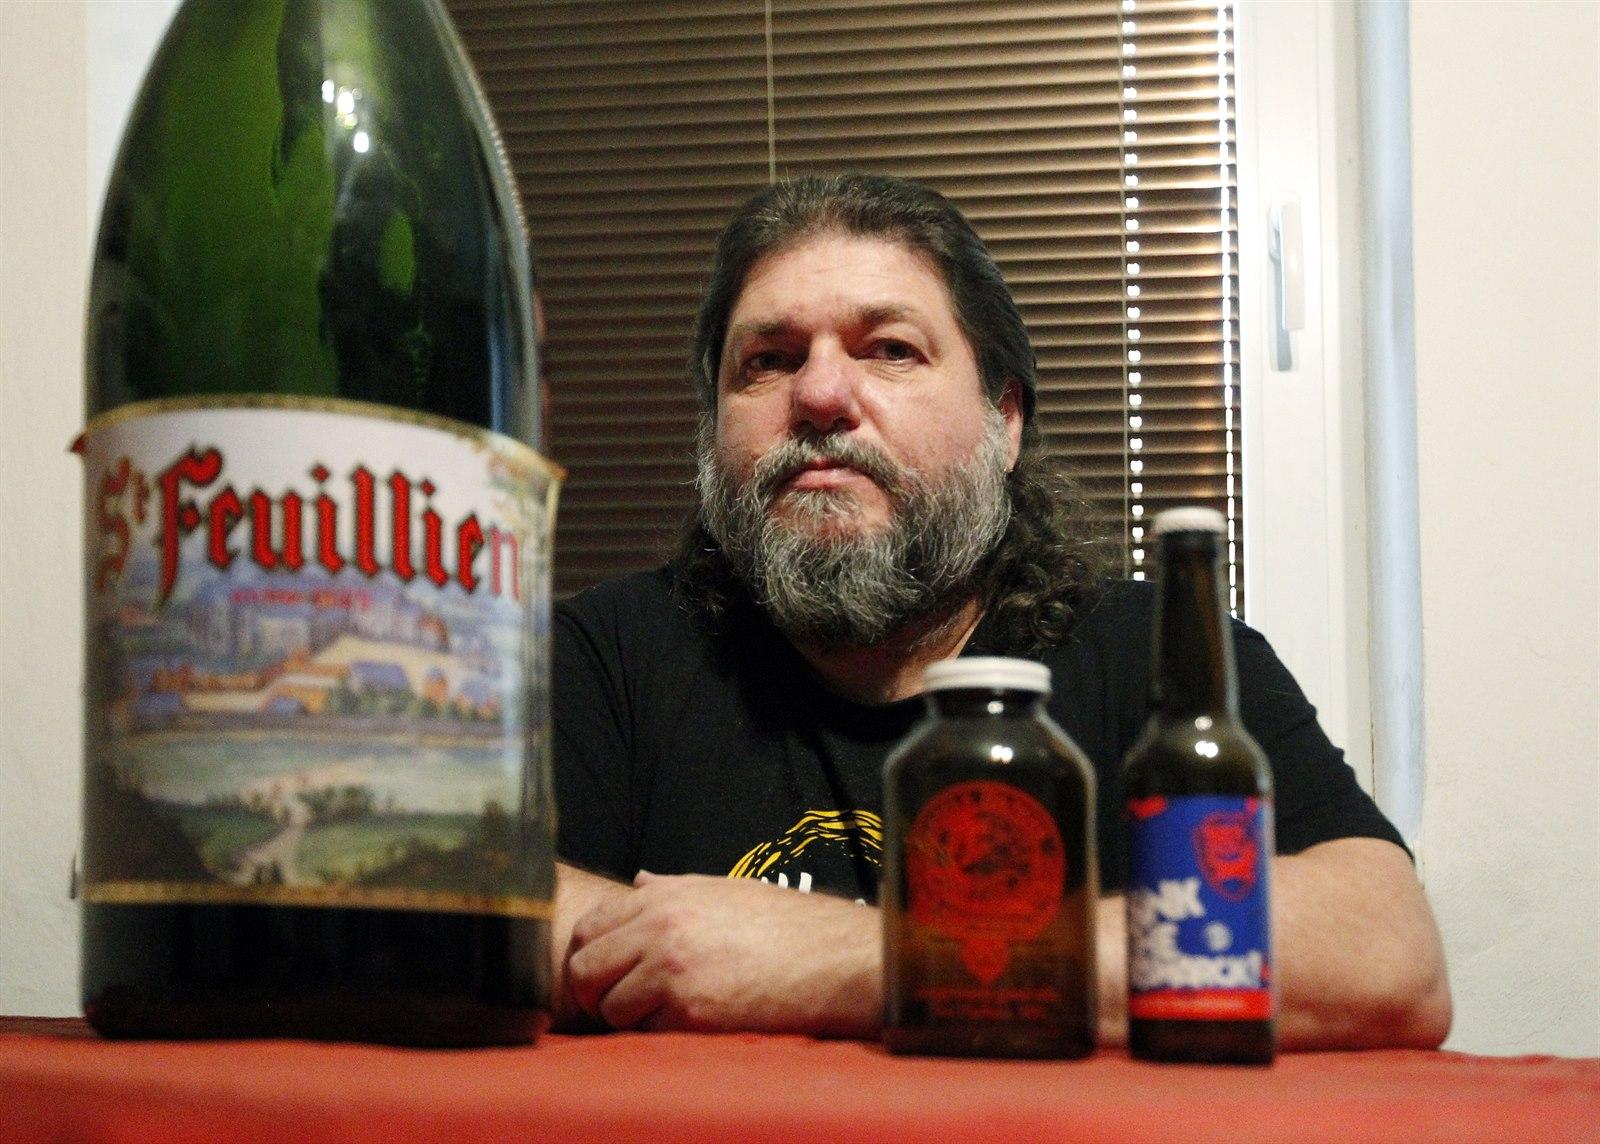 pivovari-pivovary-novinky-pivo-ochutnavka-degustace-lahve-jihlava-vlastimil-novotny